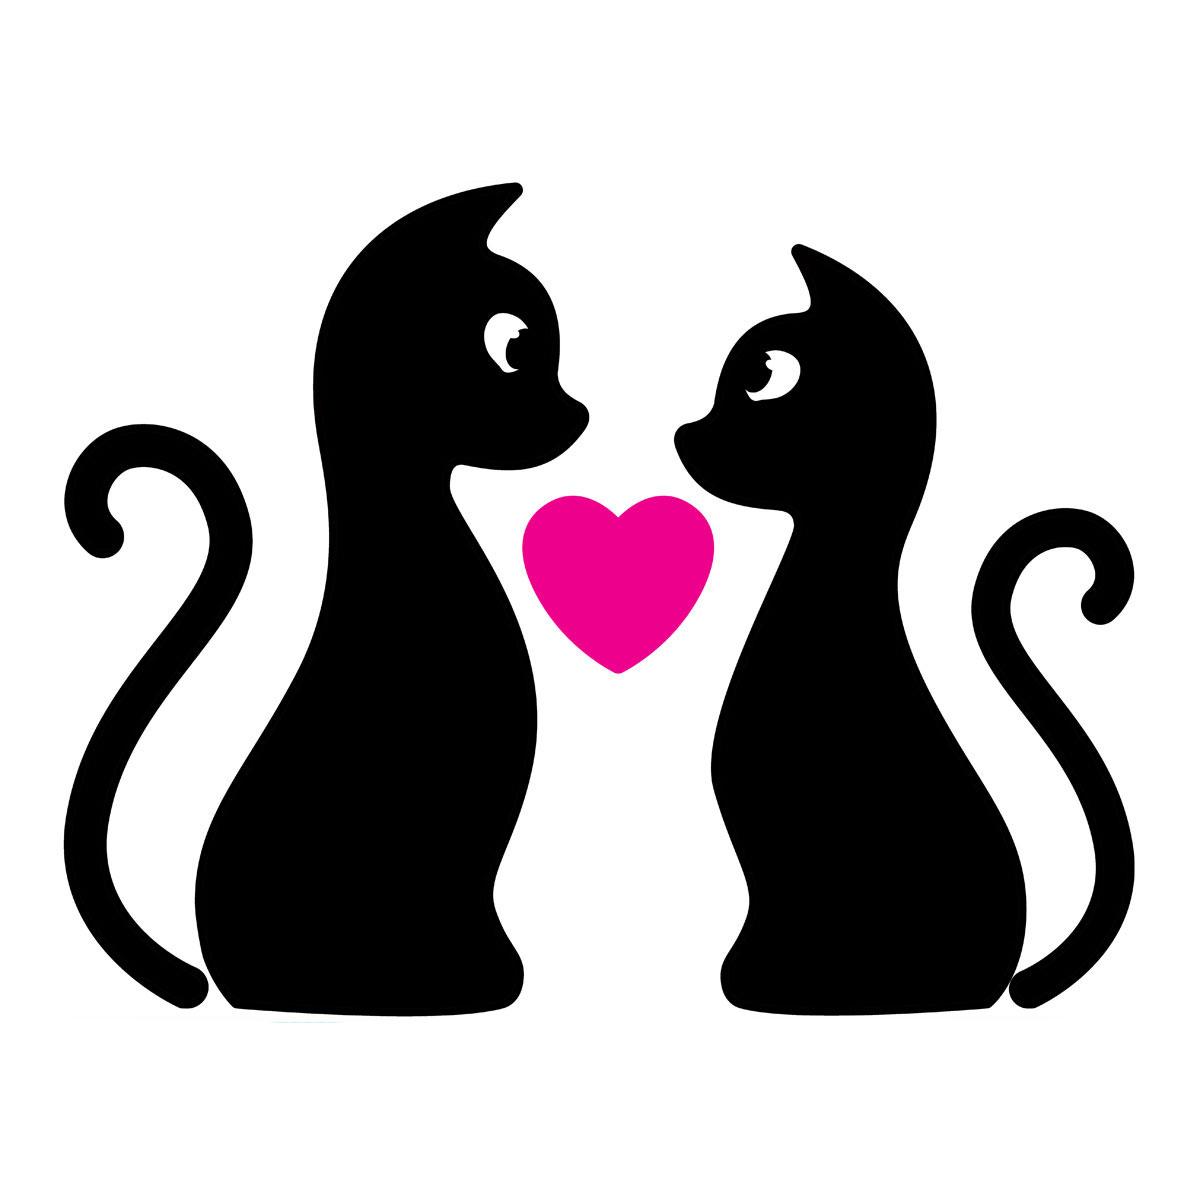 Украшение для стен и предметов интерьера Decoretto Влюбленные коты12134004РУкрашение для стен и предметов интерьера Decoretto Влюбленные коты поможет украсить ваш дом. На одном листе расположены наклейки в виде кота, кошки и сердца. Наклейки Decoretto - это наклейки многоразового использования. Придумав новуюкомпозицию и выбрав новоеместо в доме, вы легко сможете переклеить наклейки снова и снова, ведь они неповреждают поверхность и неоставляют следов. Наклейки Decoretto прекрасно украсят стены, окна, двери,кафельную плитку, зеркала и другиеповерхности. Так просто изменить интерьер вокруг себя: в детской комнате игостиной, на кухне и в прихожей.Создайте в своем доме атмосферу тепла, веселья и радости, украшая его всейсемьей. Состав: пленка самоклеящаяся, водостойкая. Размер листа: 51 х 33 см. Количество наклеек на листе: 3 шт. Размер наклеек: 32,5 х 20,5 см; 30 х 18 см; 7 х 6,5 см.